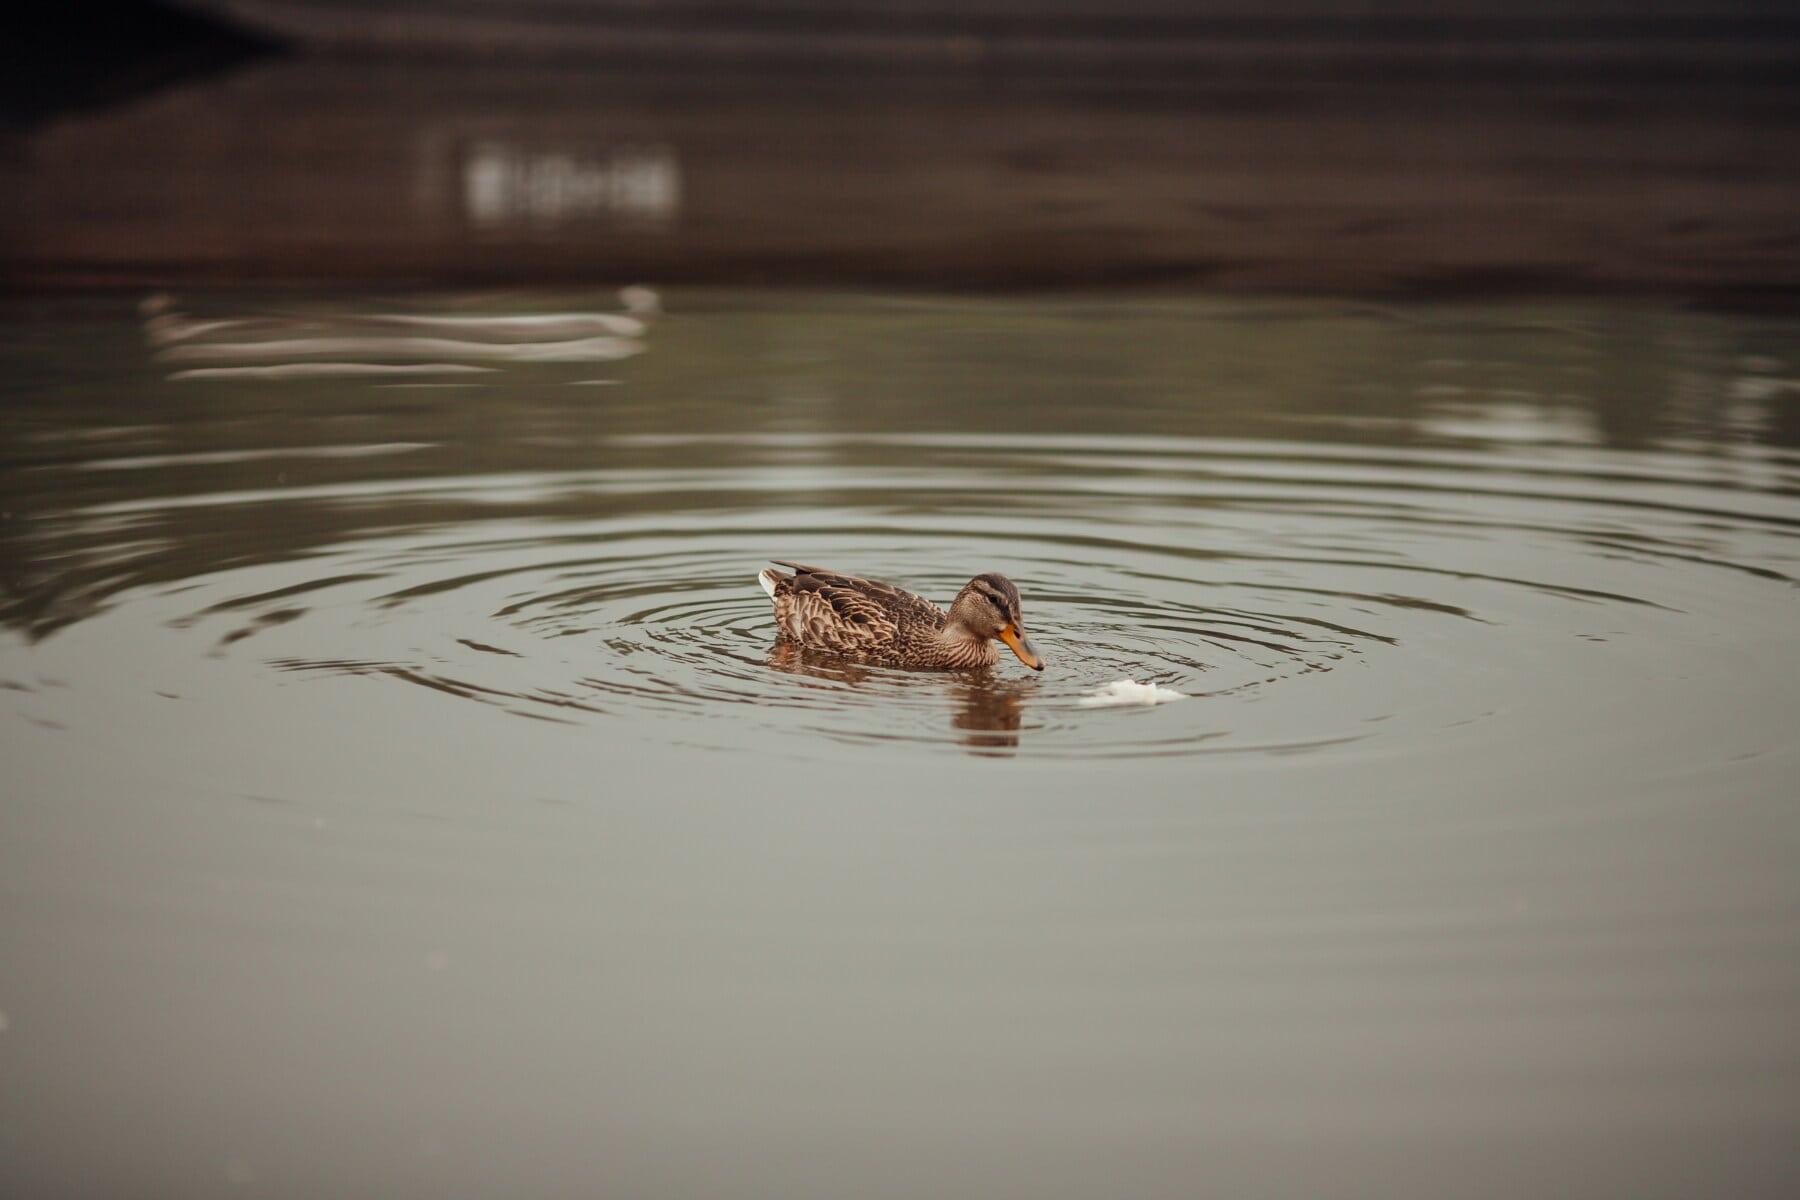 Anka, foder, simning, vattennivån, rippel, sjön, fågel, reflektion, göl, floden